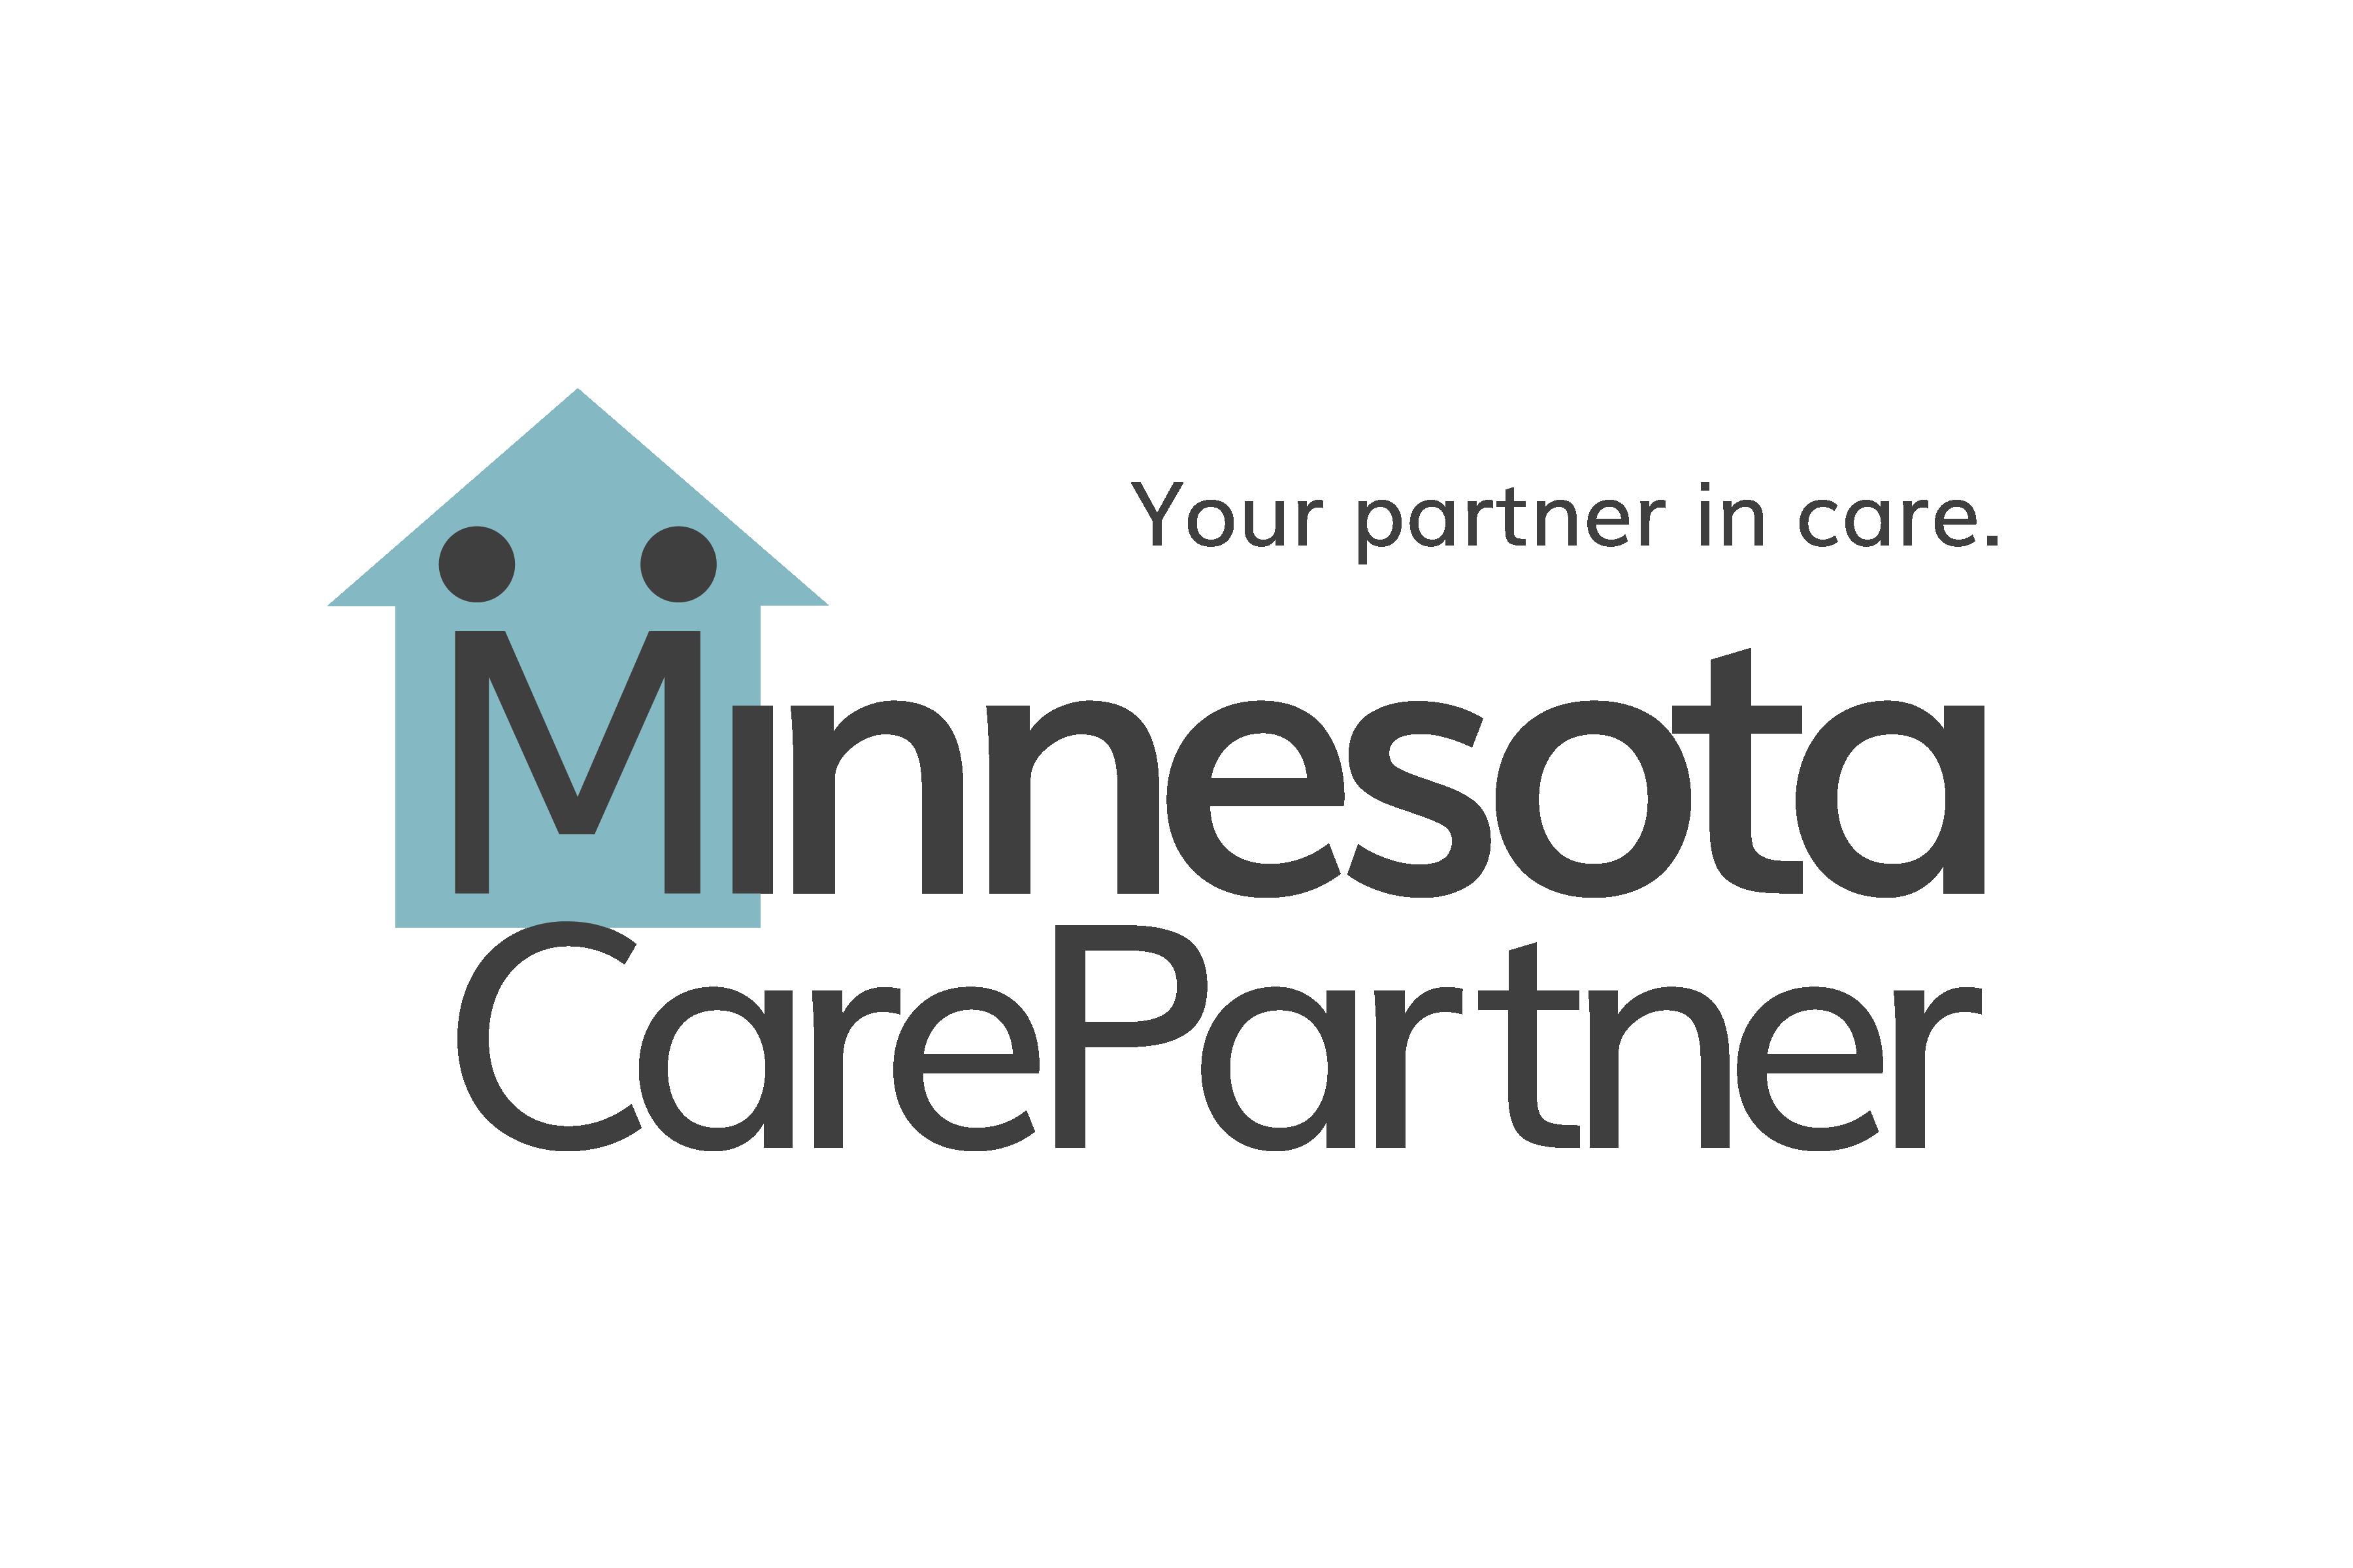 Employment : Minnesota CarePartner